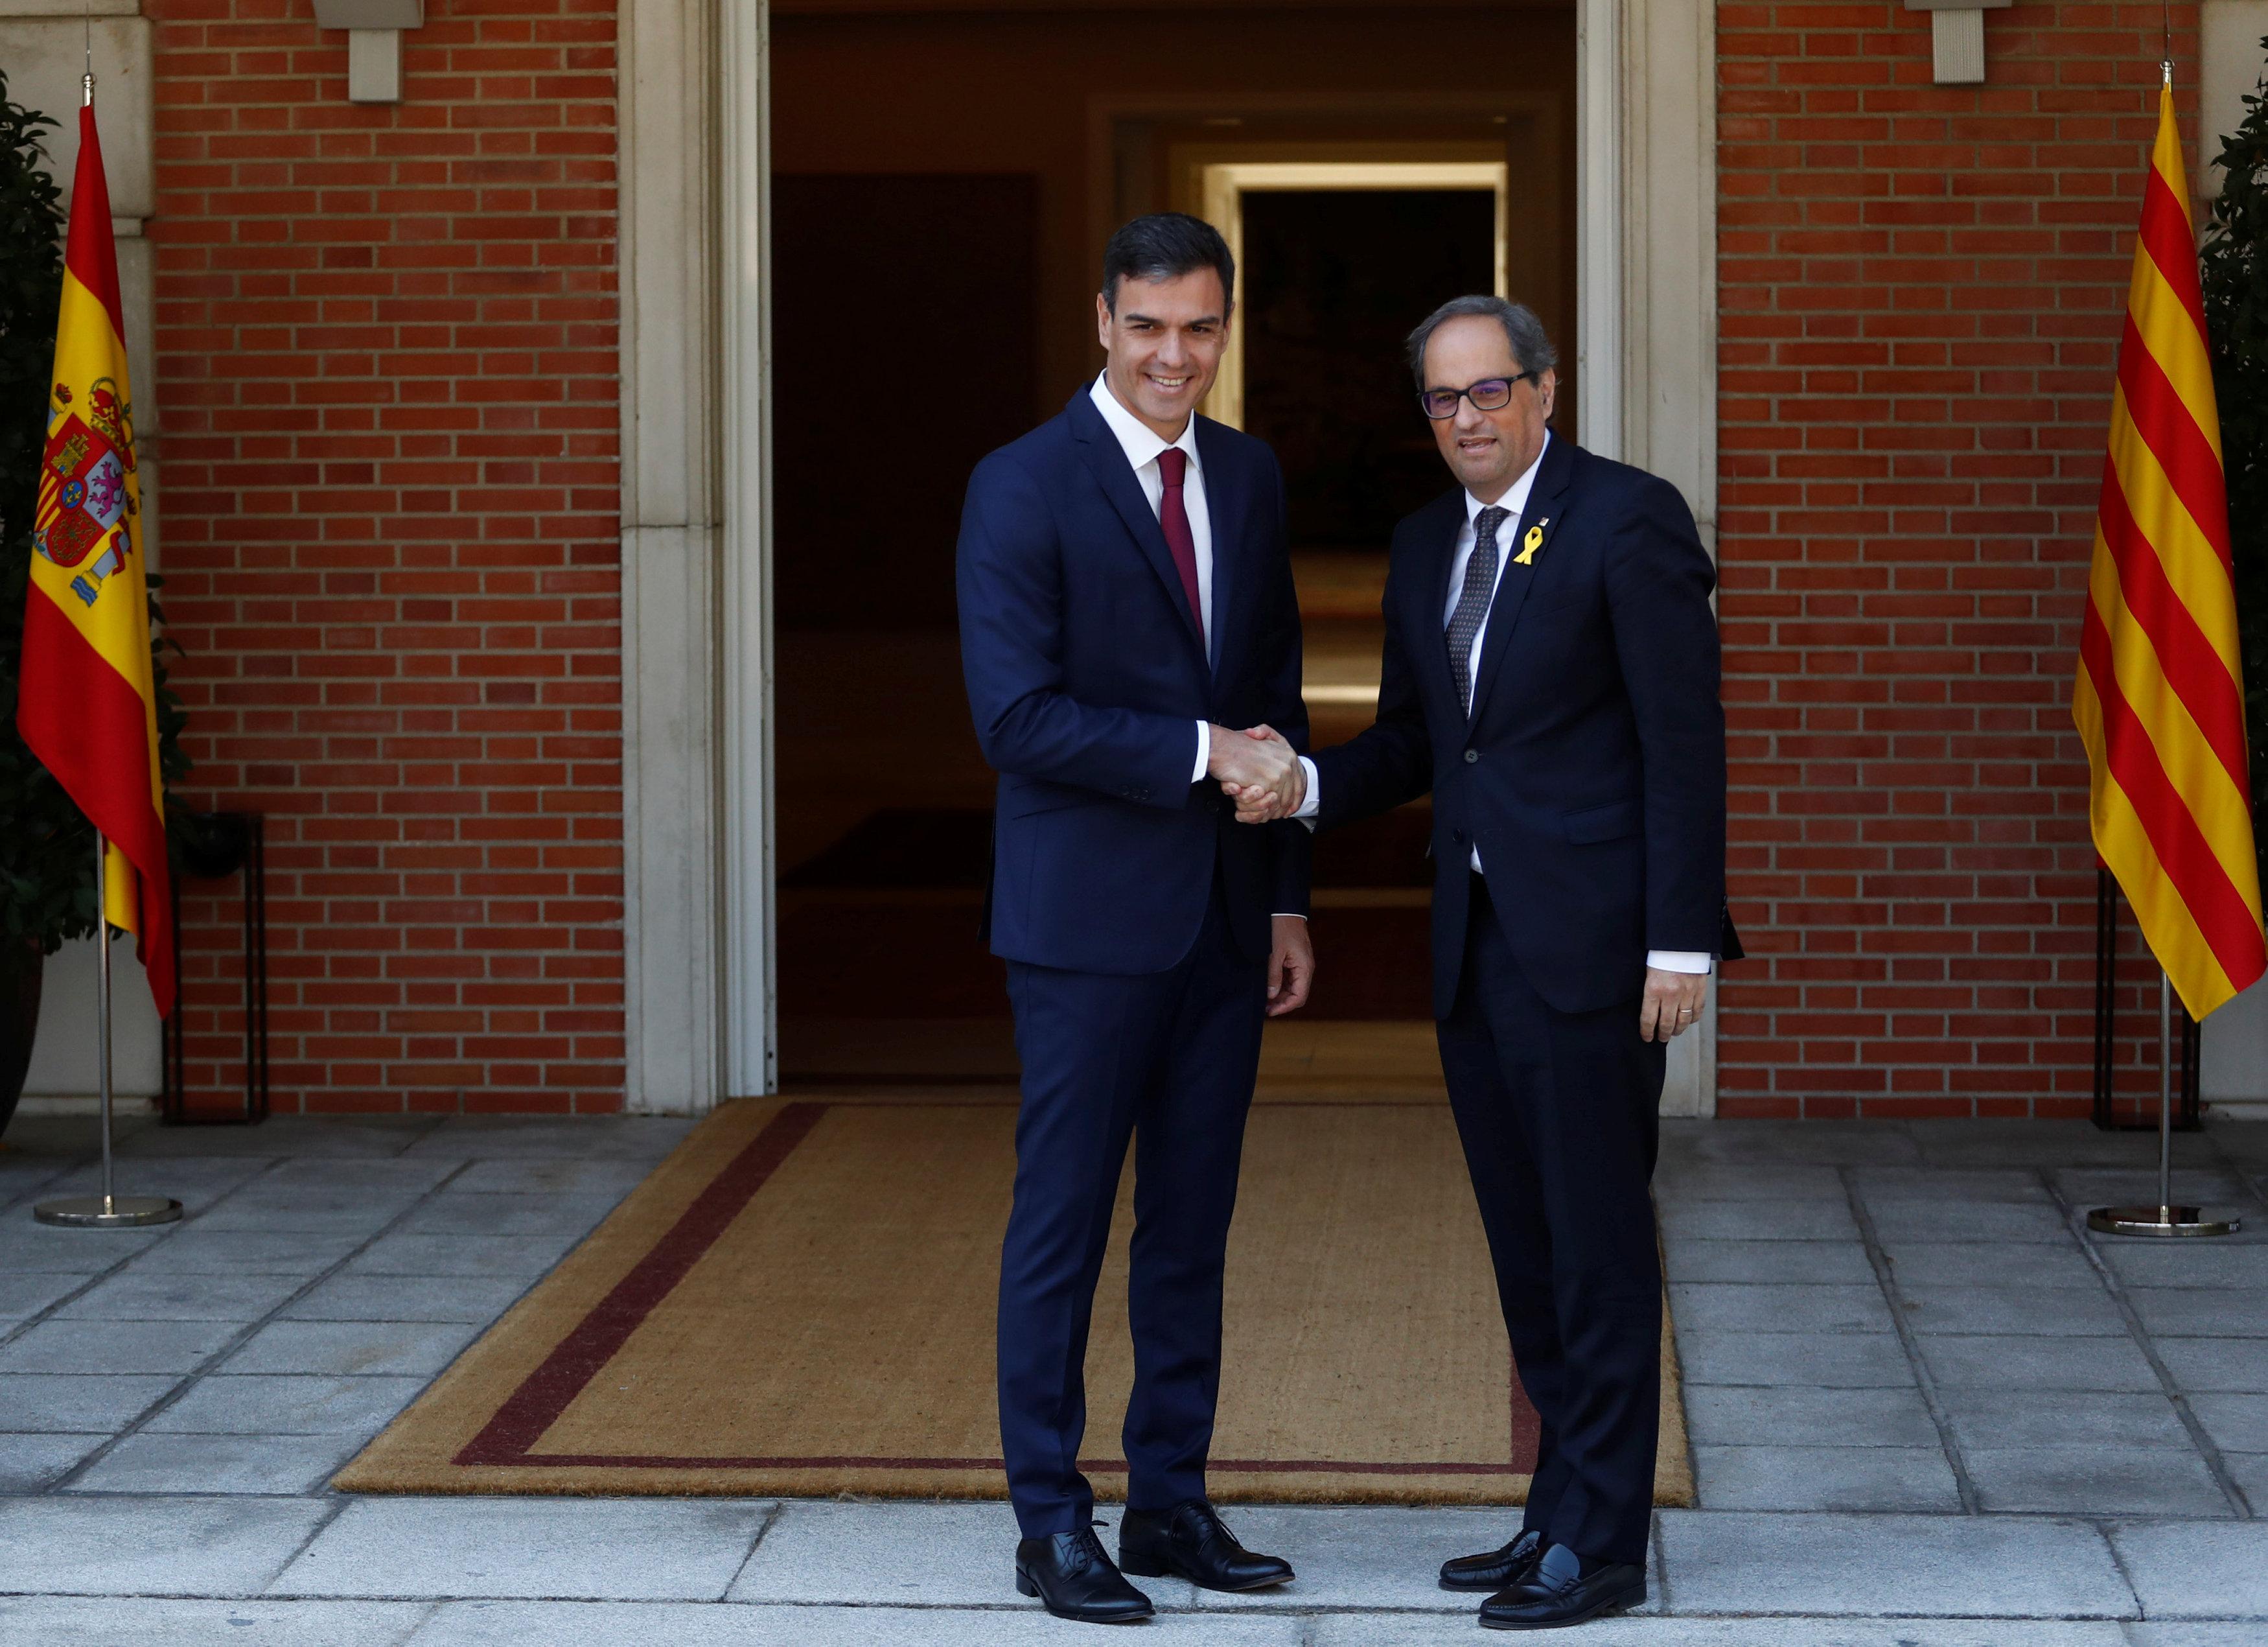 لقاء رئيس الوزراء الإسبانى ورئيس إقليم كتالونيا الجديد